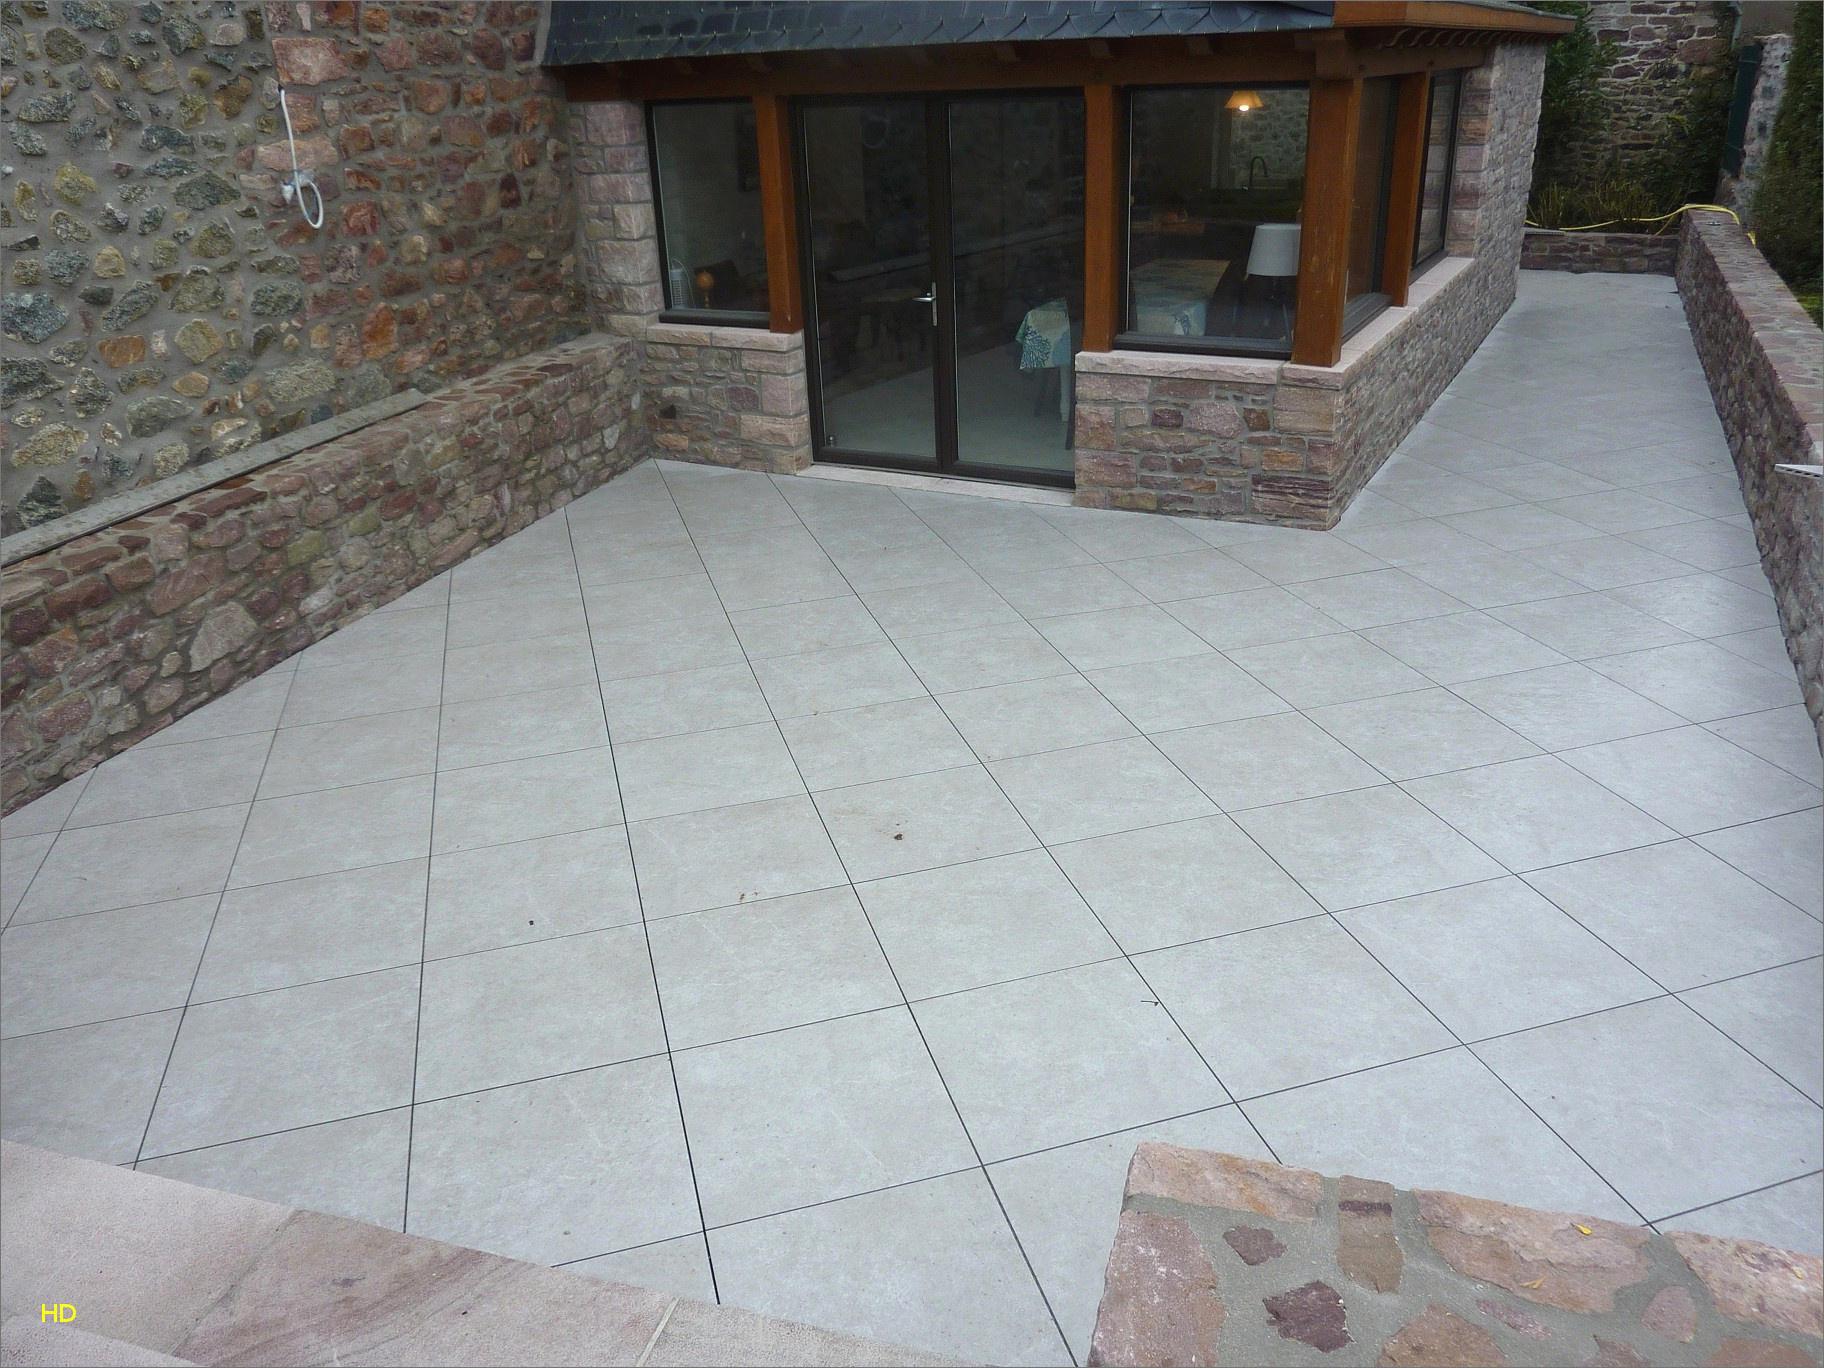 exemple devis etancheite toit terrasse meilleur de devis jardin unique inspirer 40 de brico depot devis en ligne schc2a8me of exemple devis etancheite toit terrasse